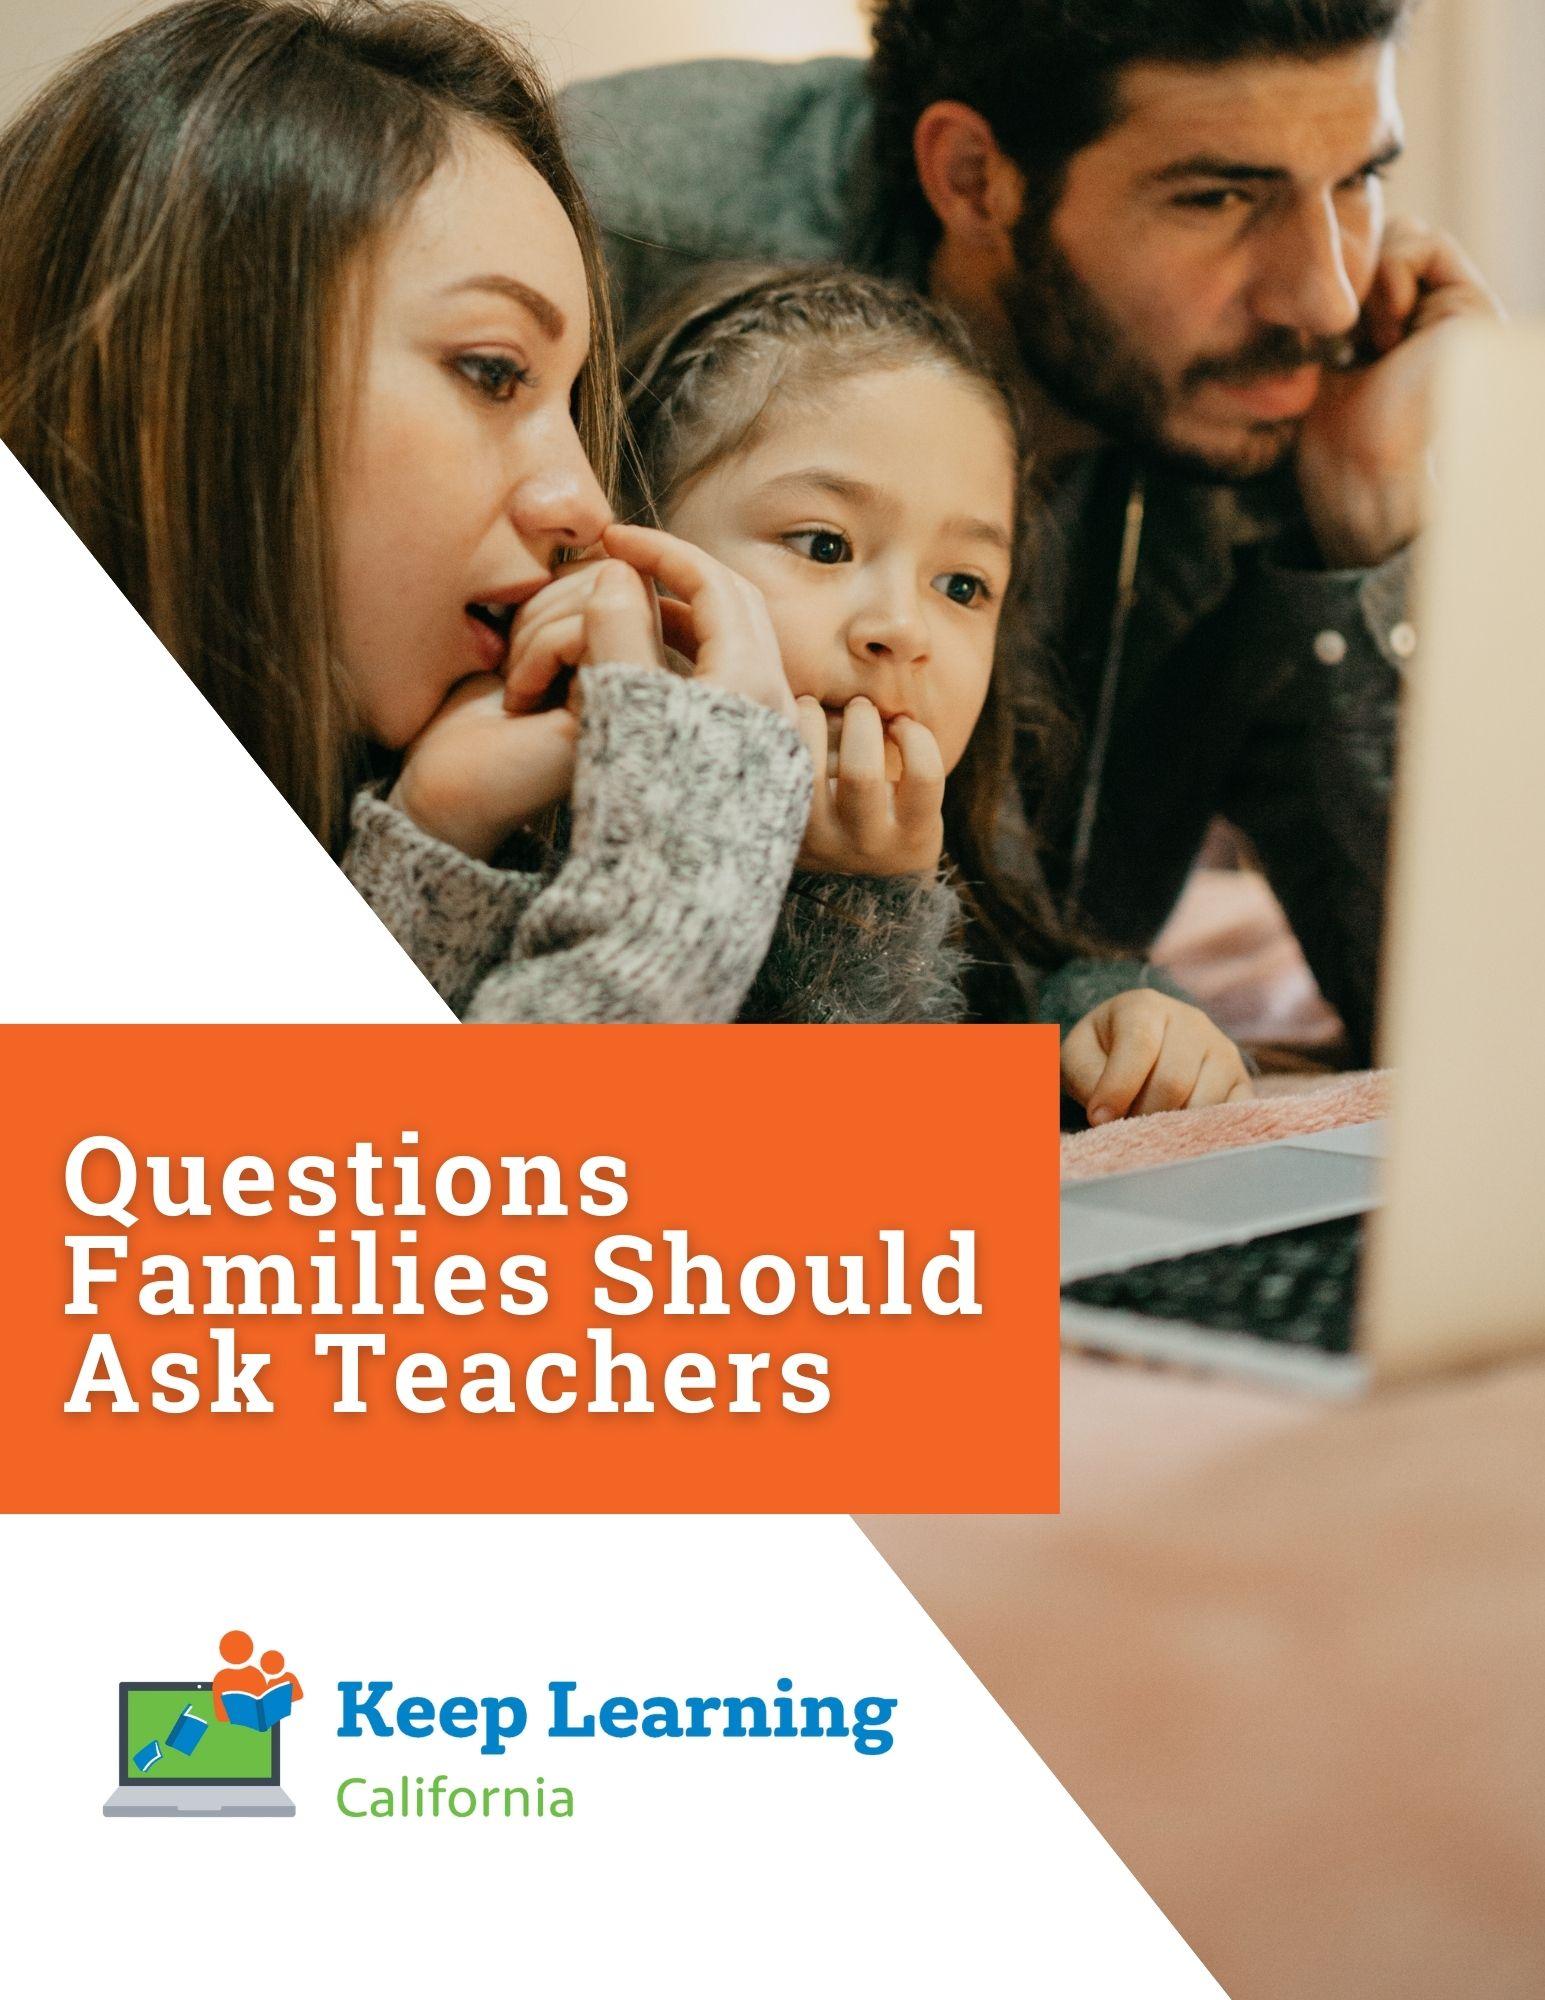 PDF – Questions Families Should Ask Teachers